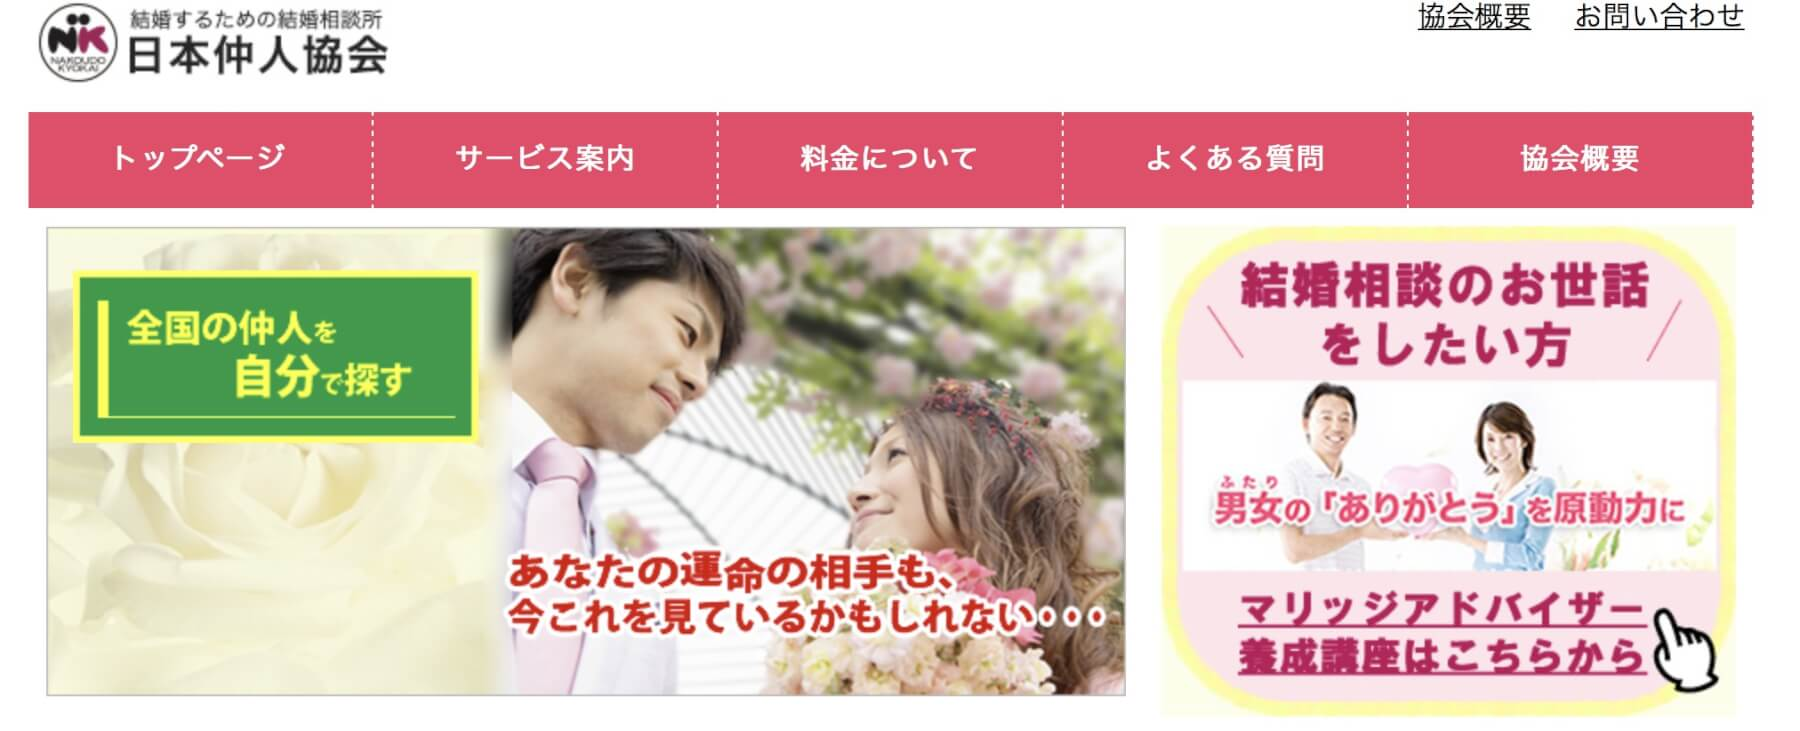 埼玉のおすすめ結婚相談所ランキング;仲人協会